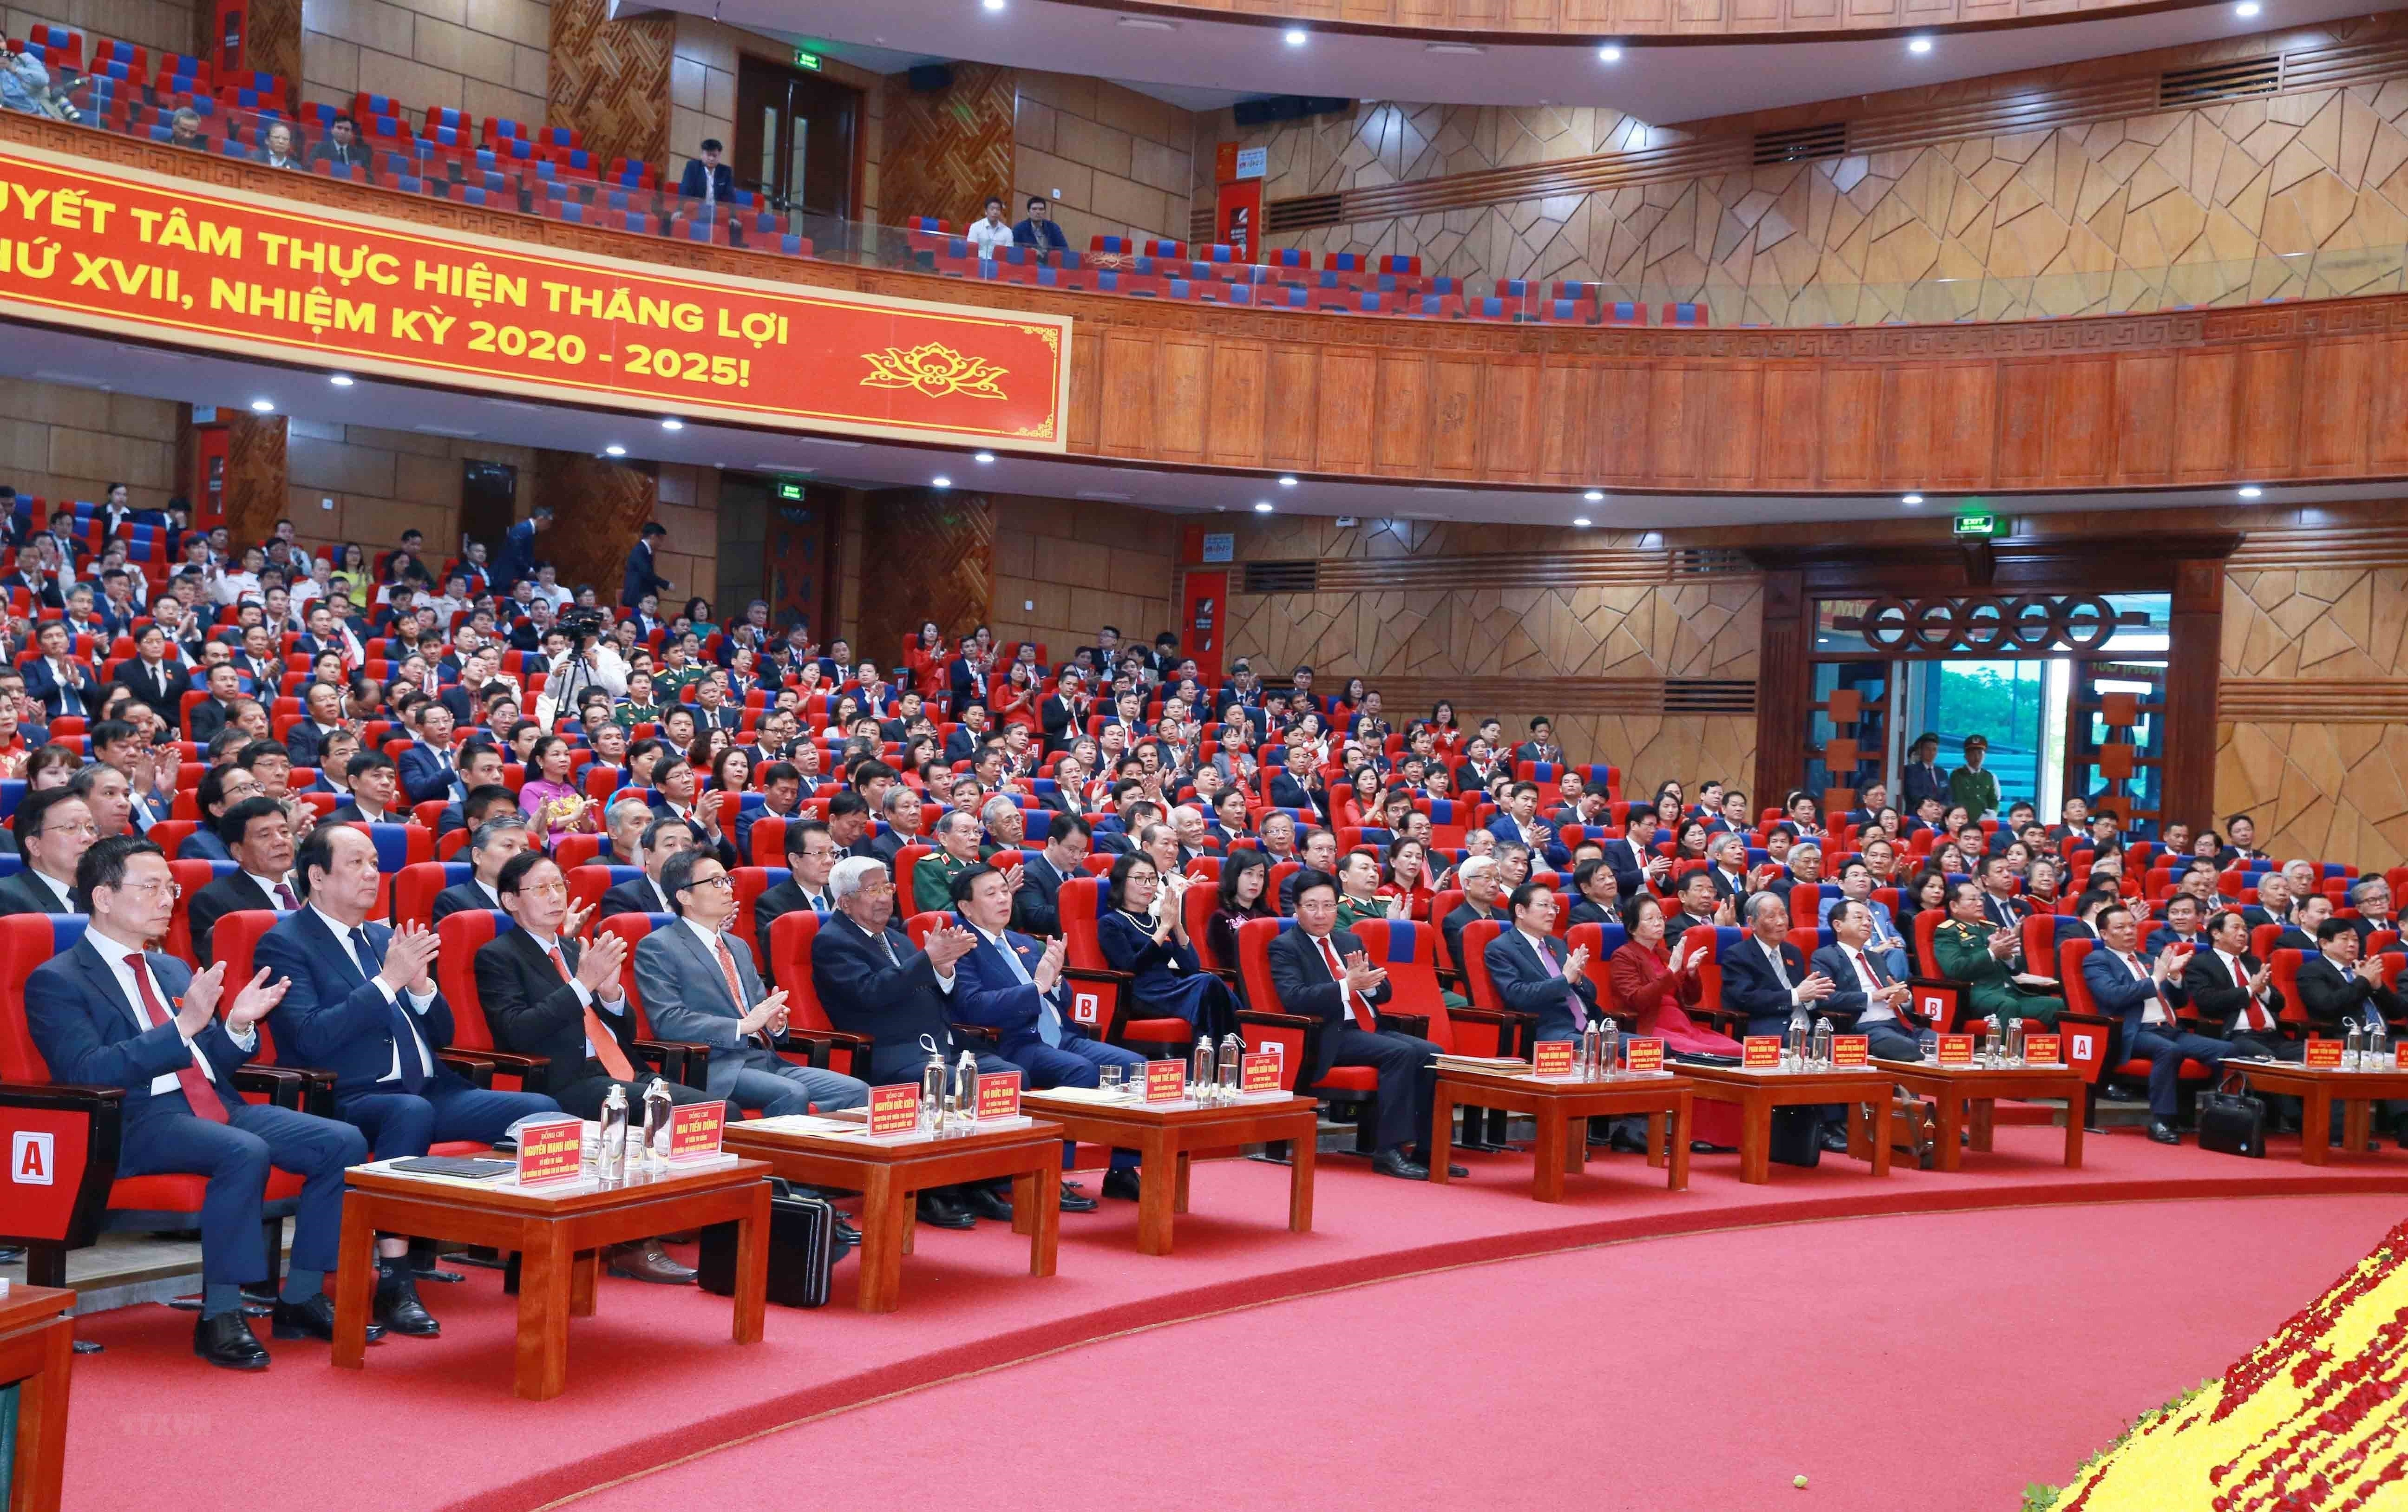 [Photo] Dai hoi dai bieu Dang bo tinh Hai Duong lan thu XVII hinh anh 7